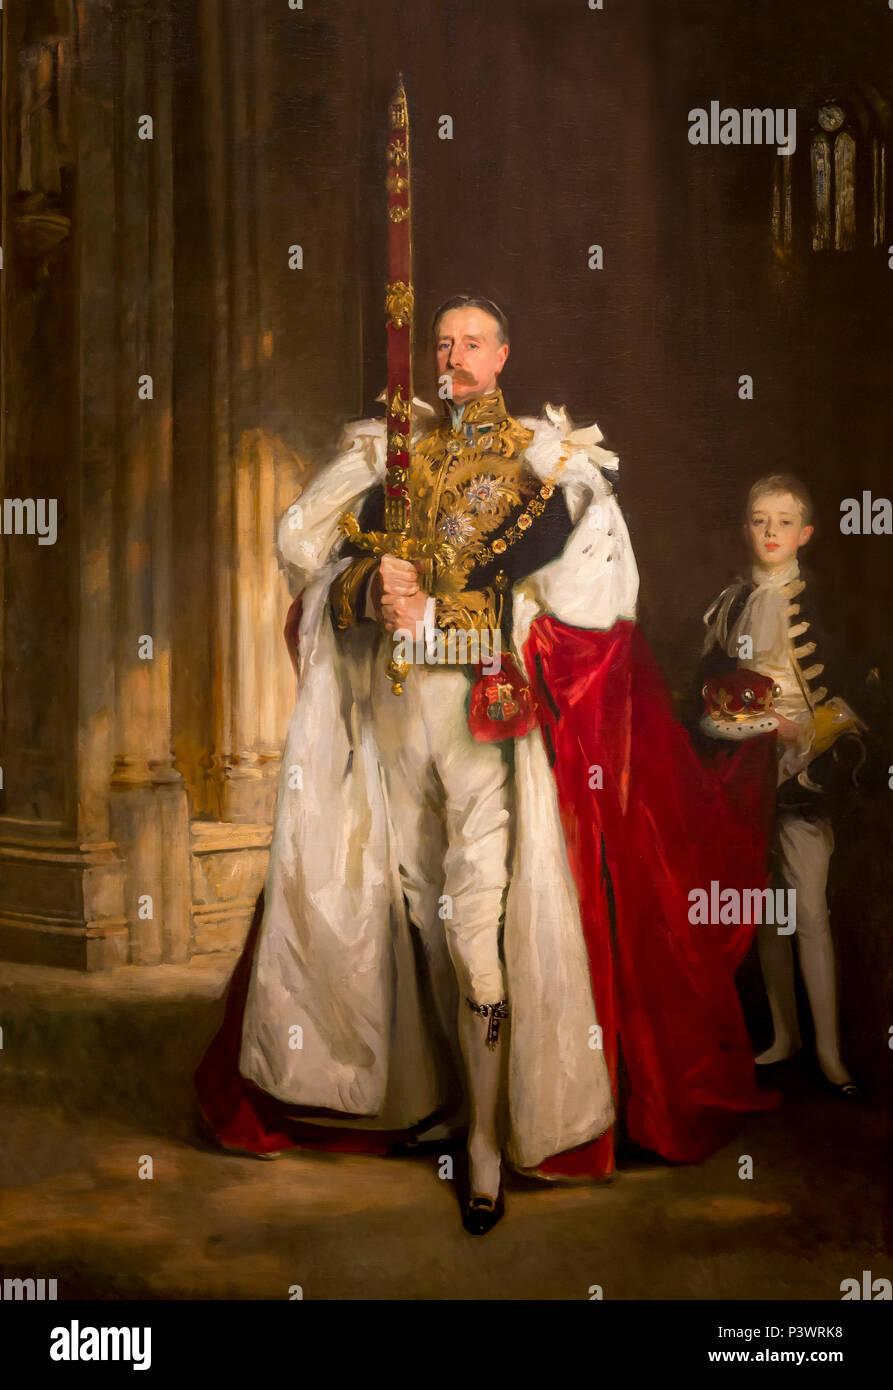 Charles Stewart Sixième Marquis de Londonderry, portant la grande Epée de l'Etat au couronnement du roi Édouard VII, août 1902, et M. W C Beaumo Photo Stock